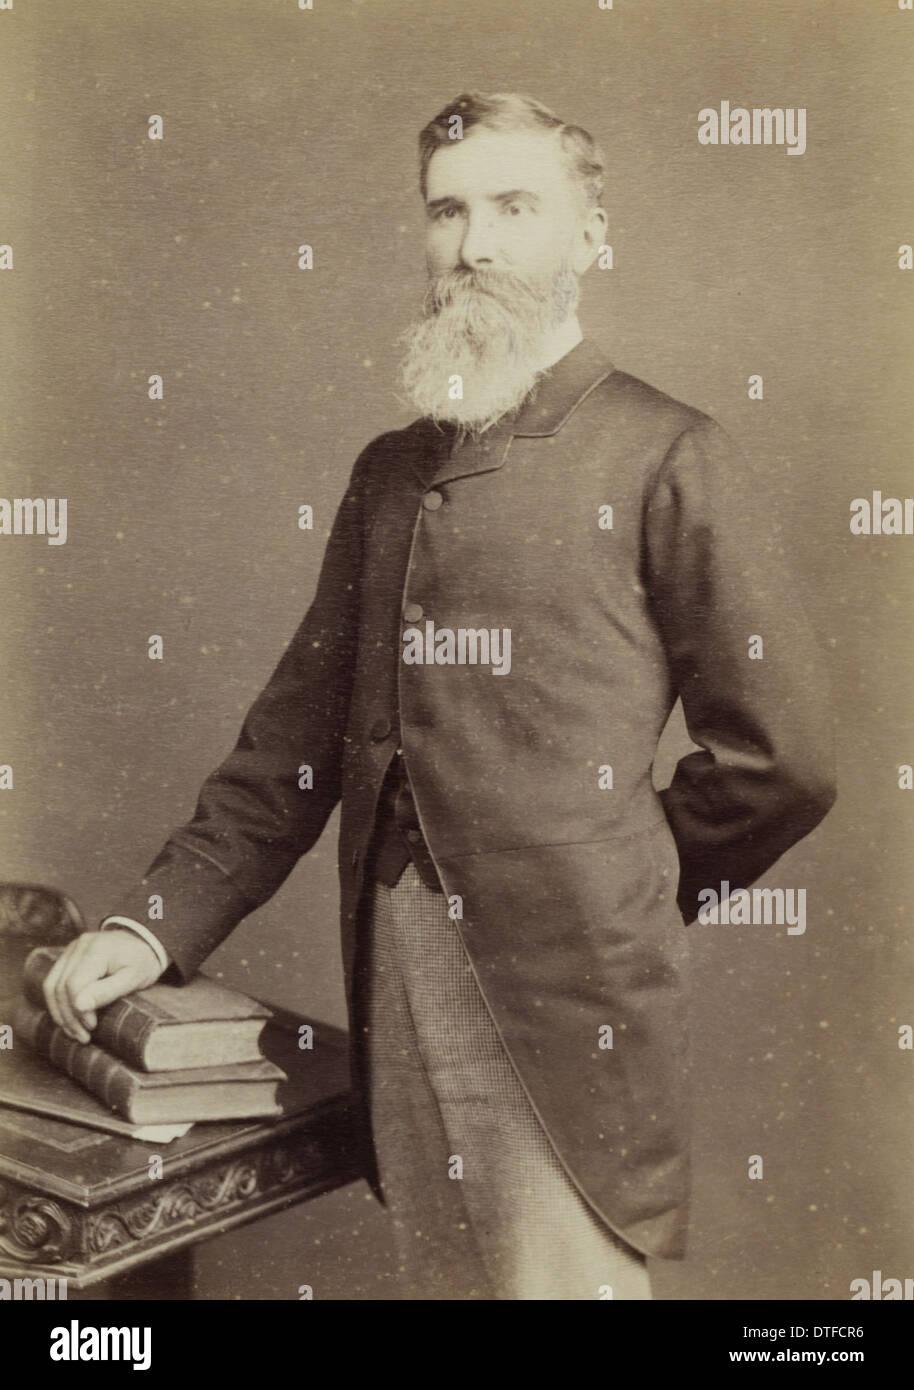 William Carmichael MacIntosh (1838-1931) - Stock Image